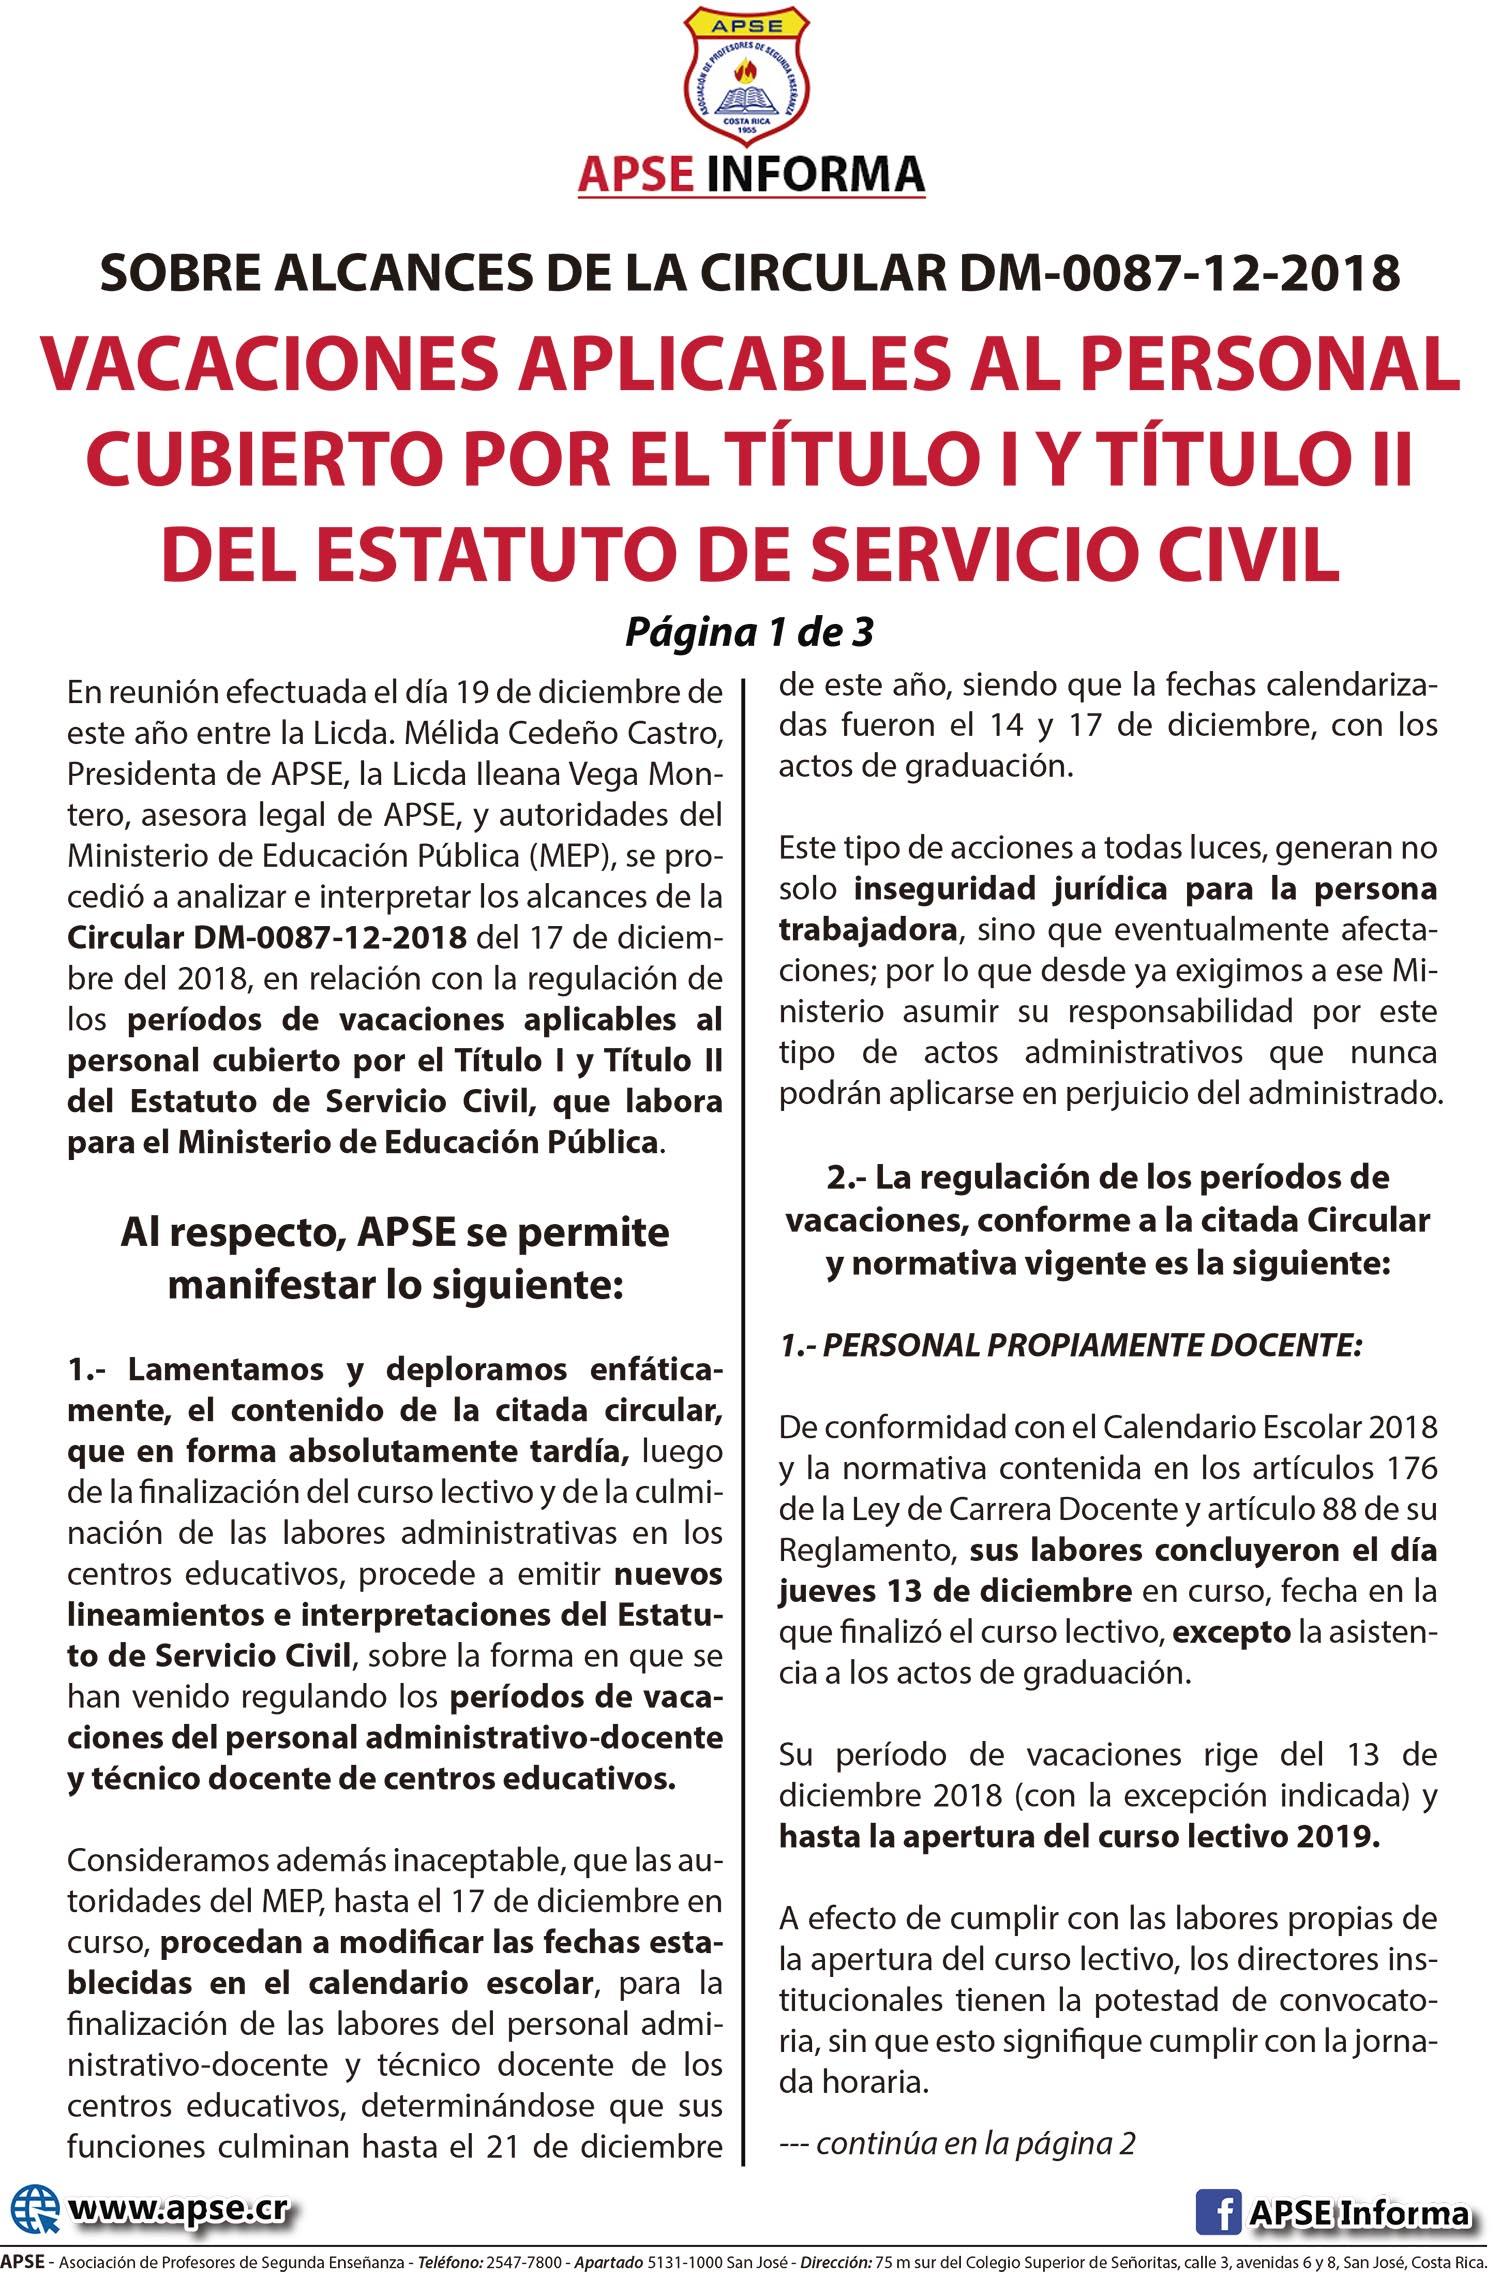 SOBRE ALCANCES DE LA CIRCULAR DM-0087-12-2018 VACACIONES APLICABLES AL PERSONAL CUBIERTO POR EL TÍTULO I Y TÍTULO II DEL ESTATUTO DE SERVICIO CIVIL